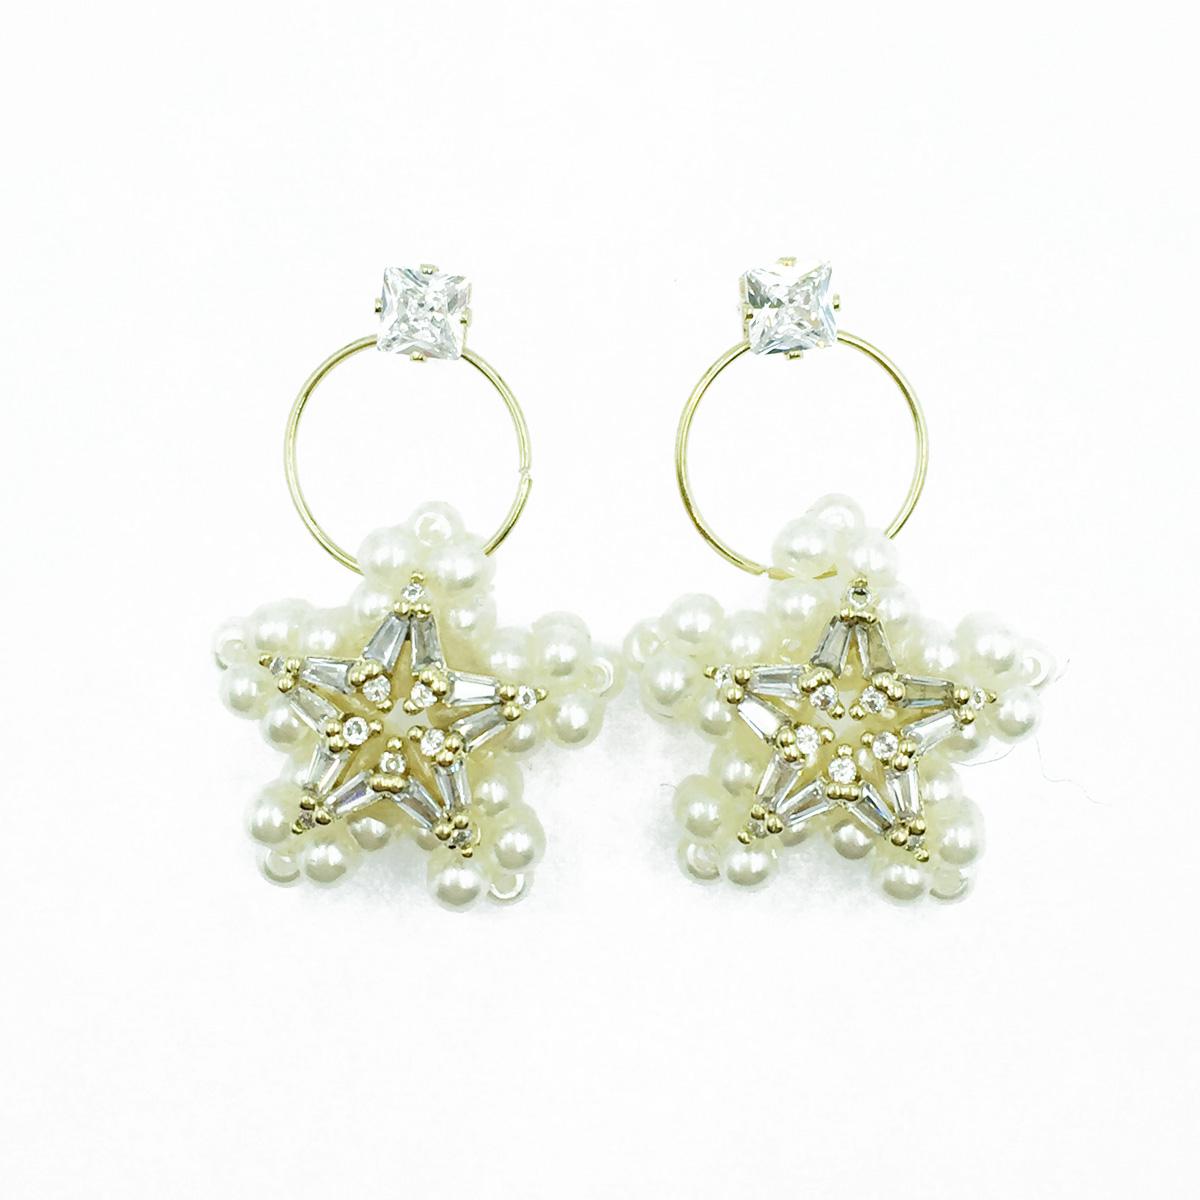 韓國 925純銀 星星 水鑽 珍珠 垂墜感 耳針式耳環